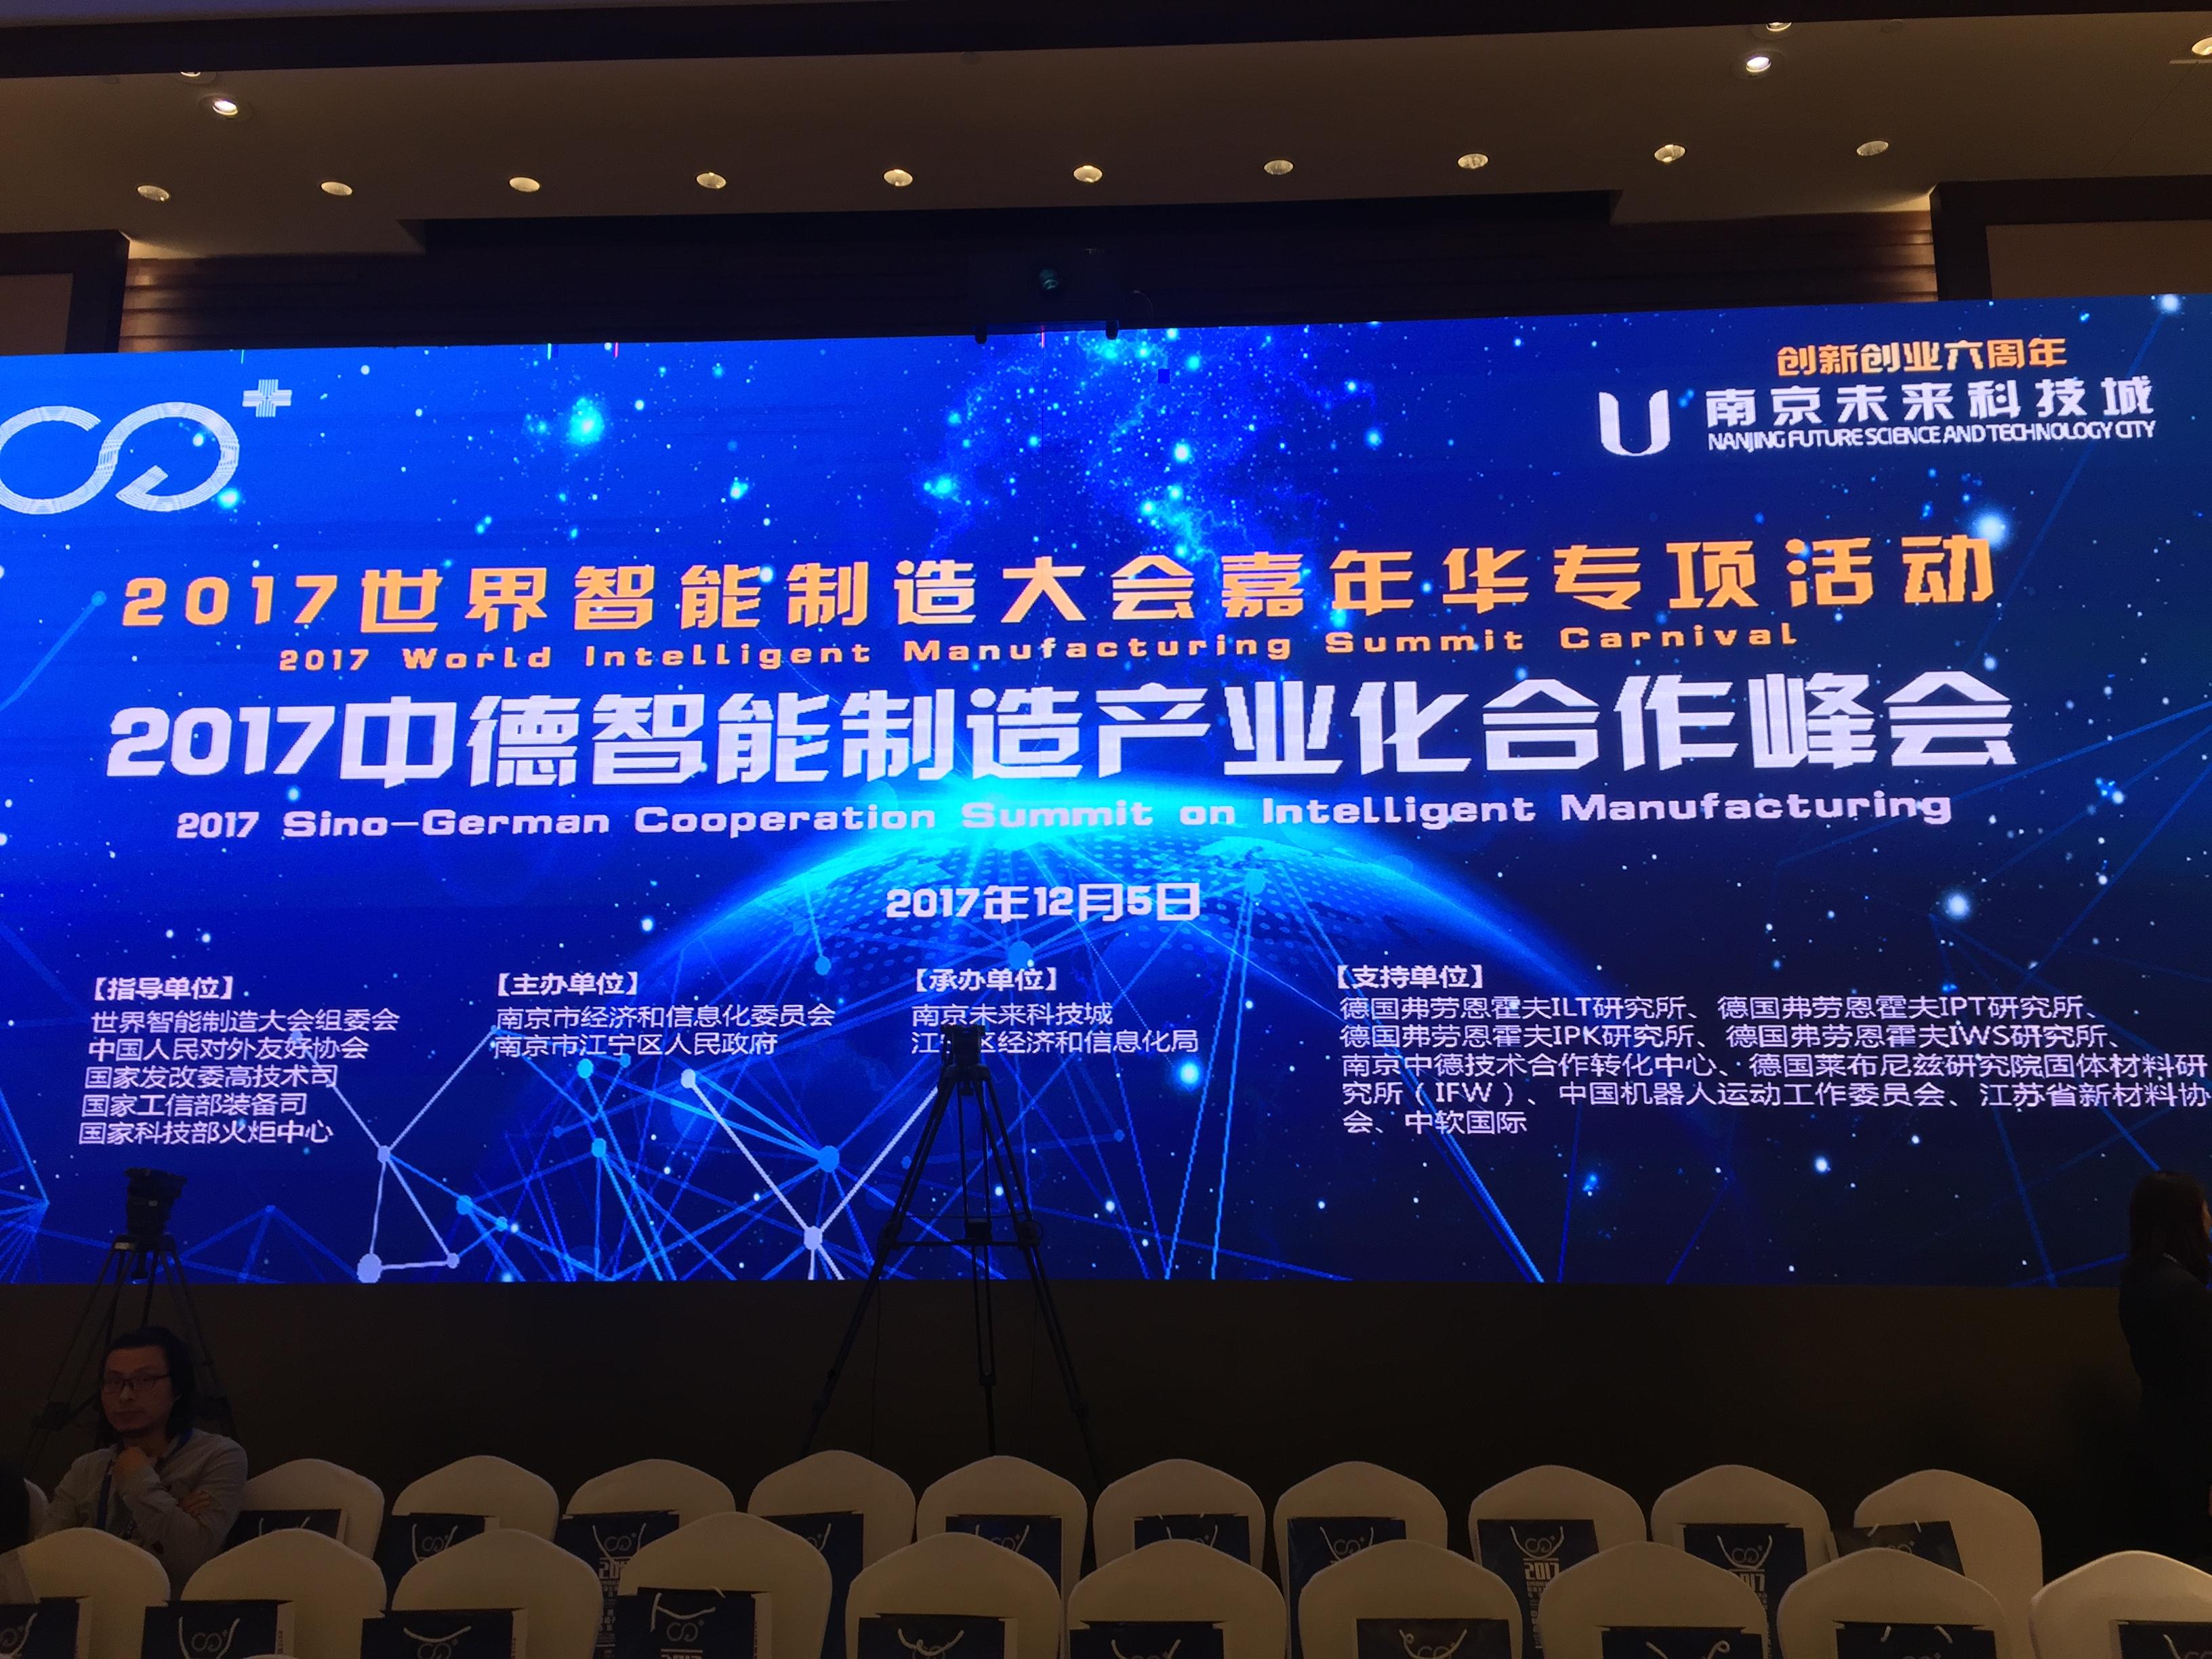 2017中德智能制造产业化合作峰会